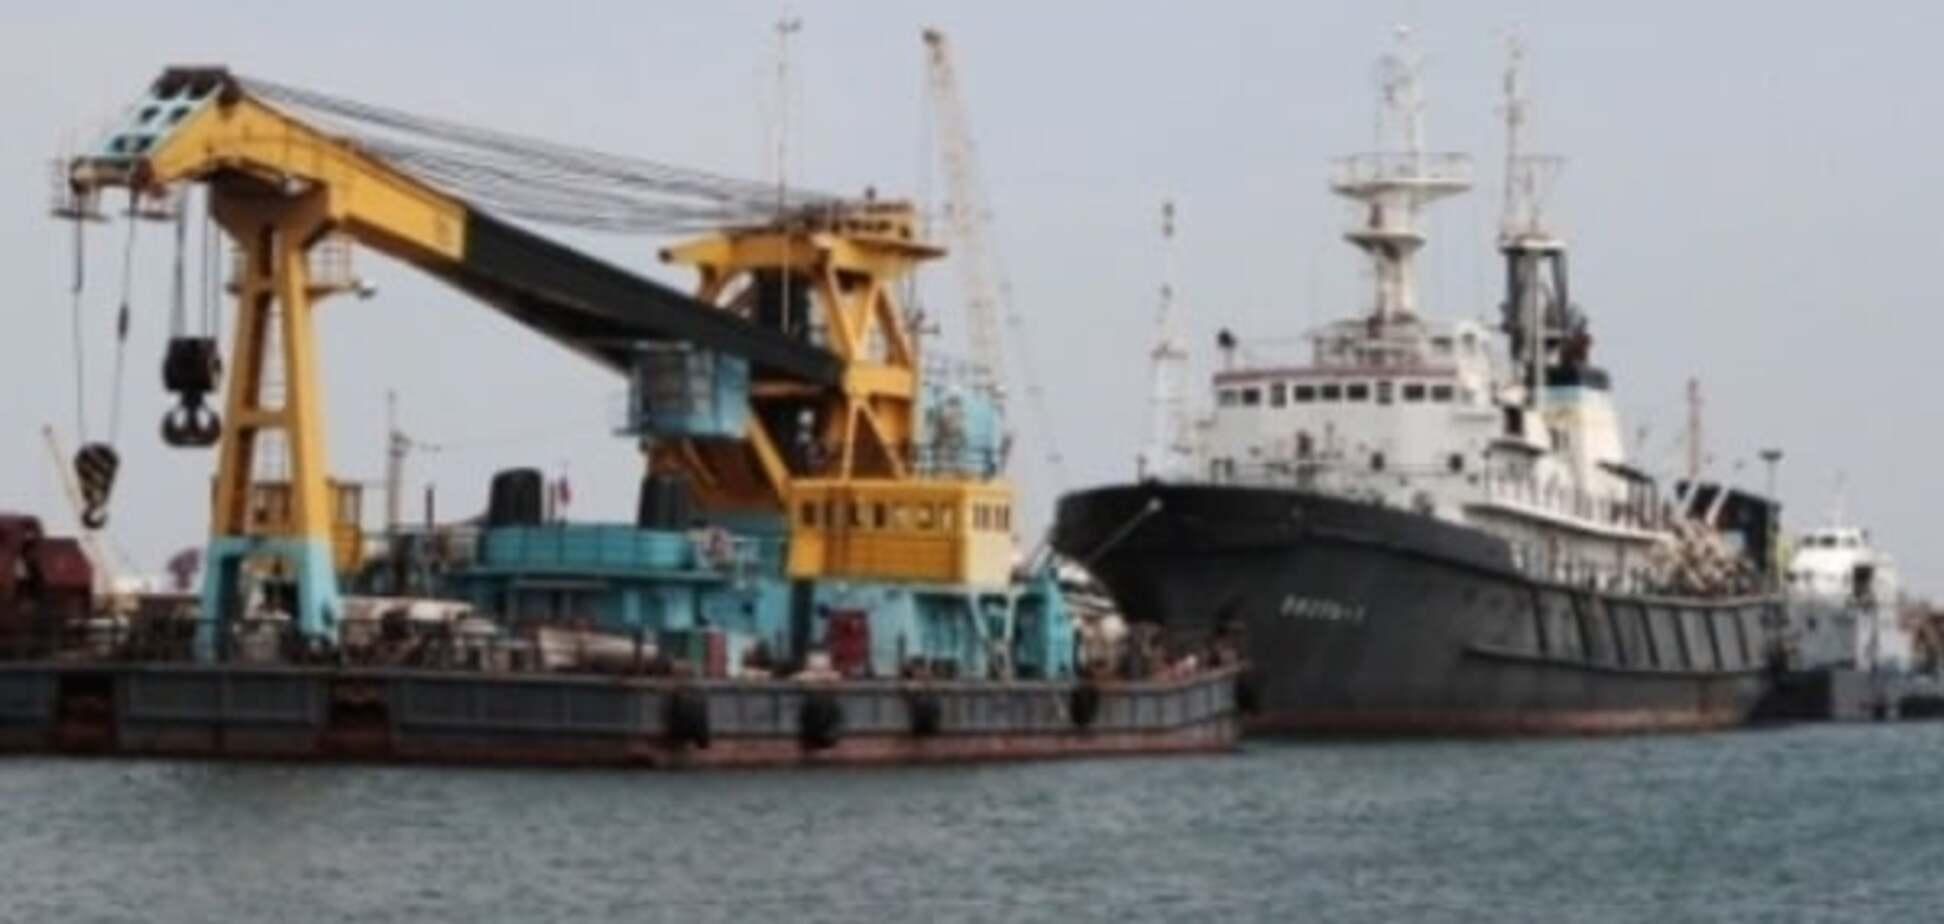 Зреет конфликт: Россия и Украина стянули корабли к буровой установке 'Черноморнефтегаза'